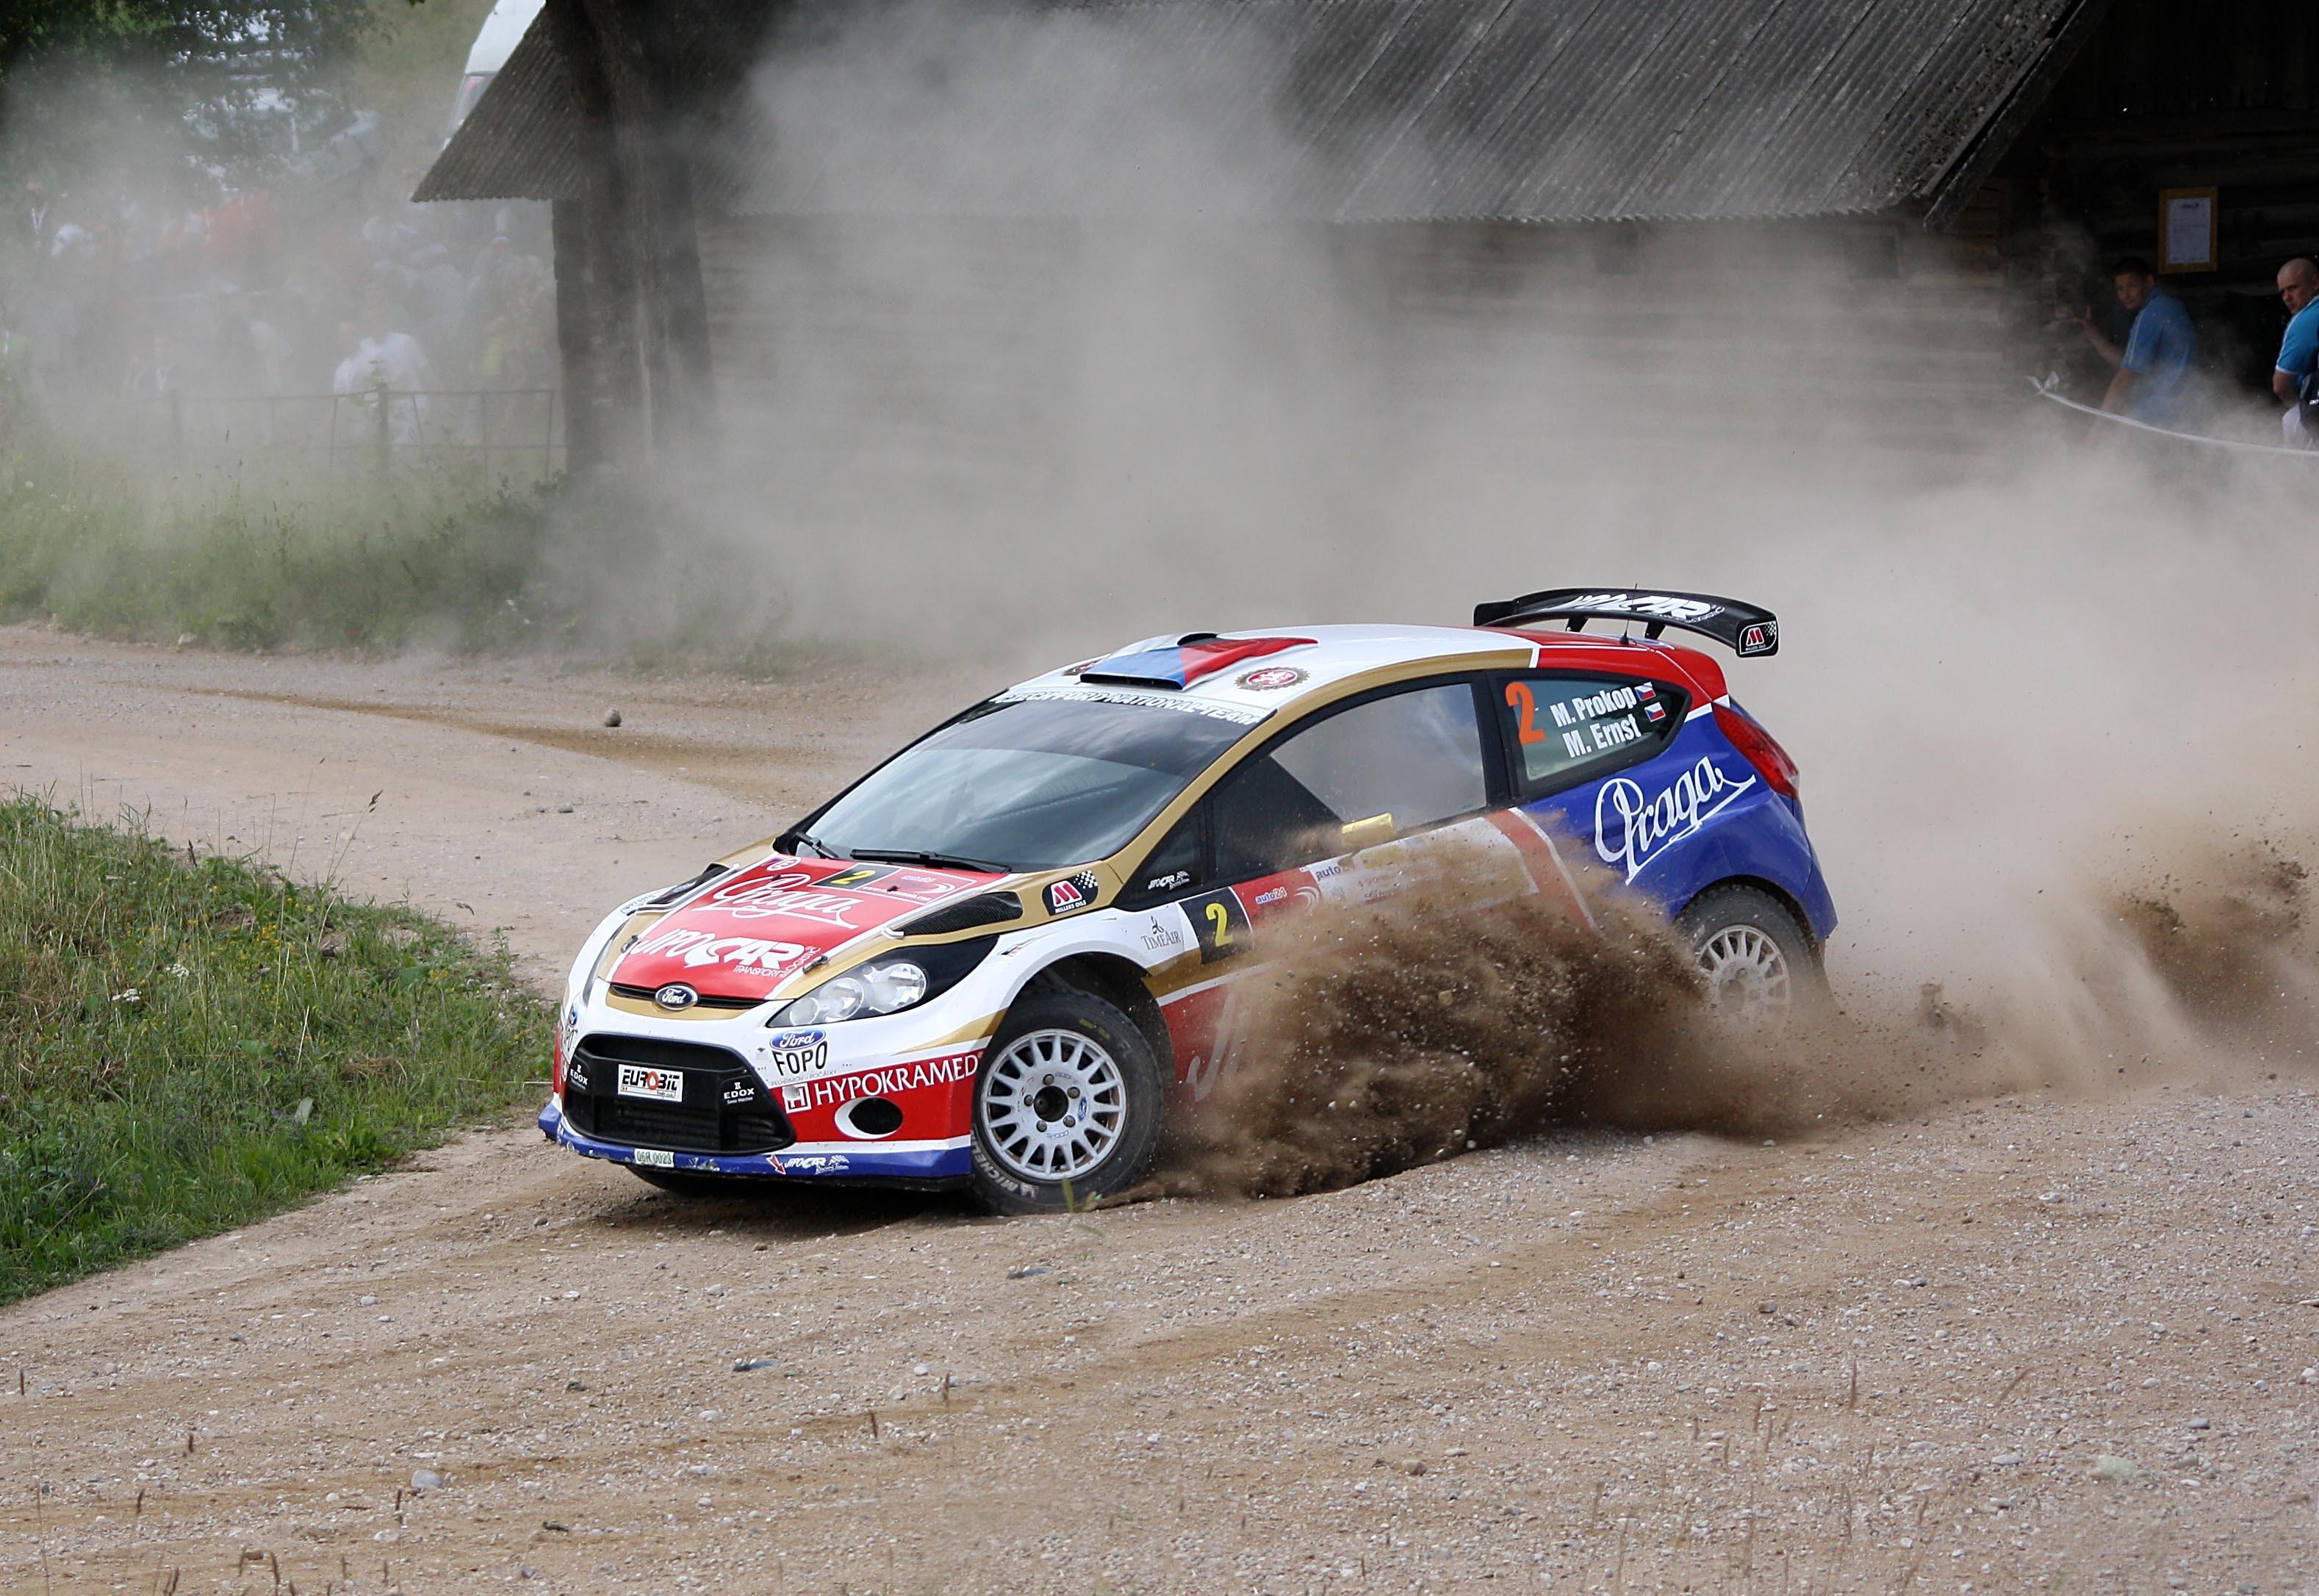 Kostenloses Foto Zum Thema Estland Rallye Auto Schotterstraaÿe